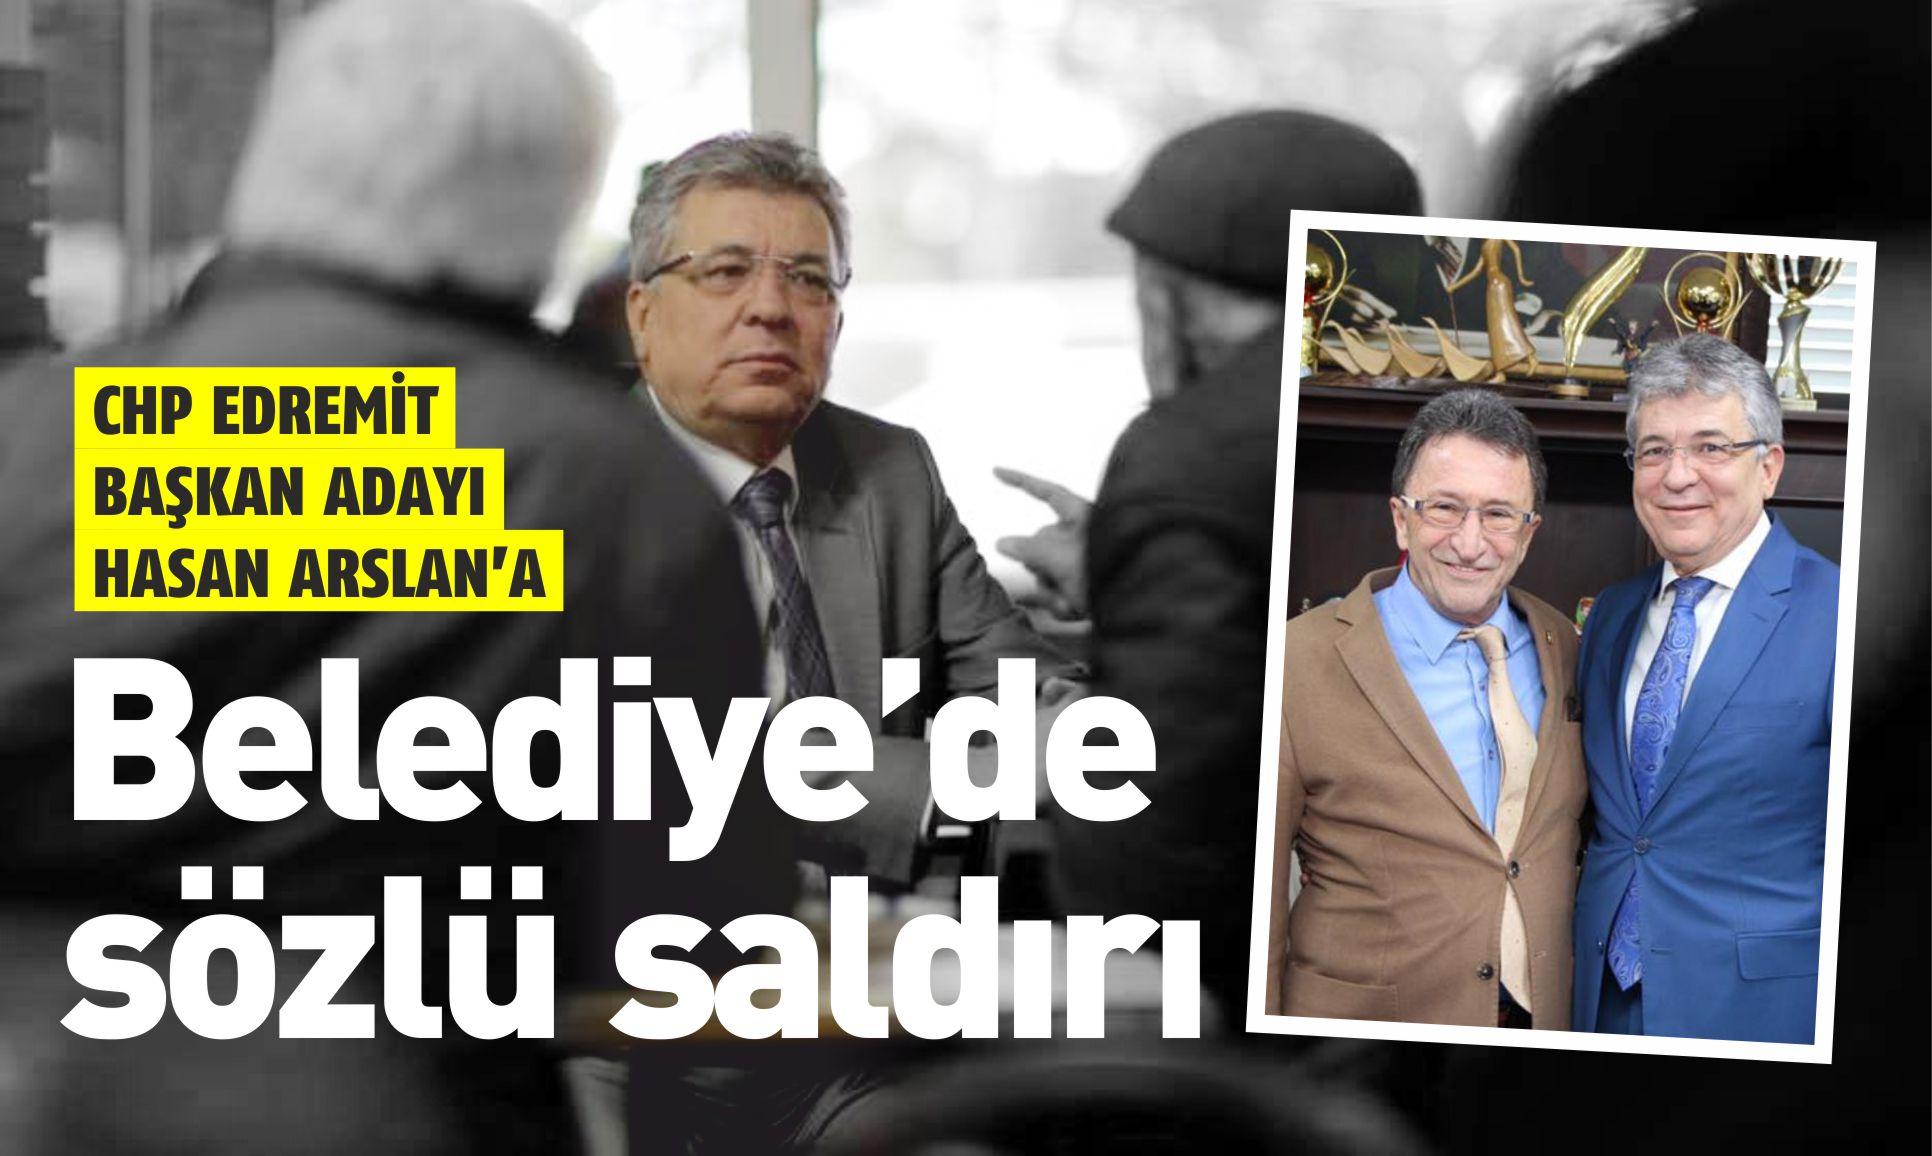 CHP BAŞKAN ADAYI ARSLAN'A EDREMİT BELEDİYESİ'NDE SÖZLÜ SALDIRI